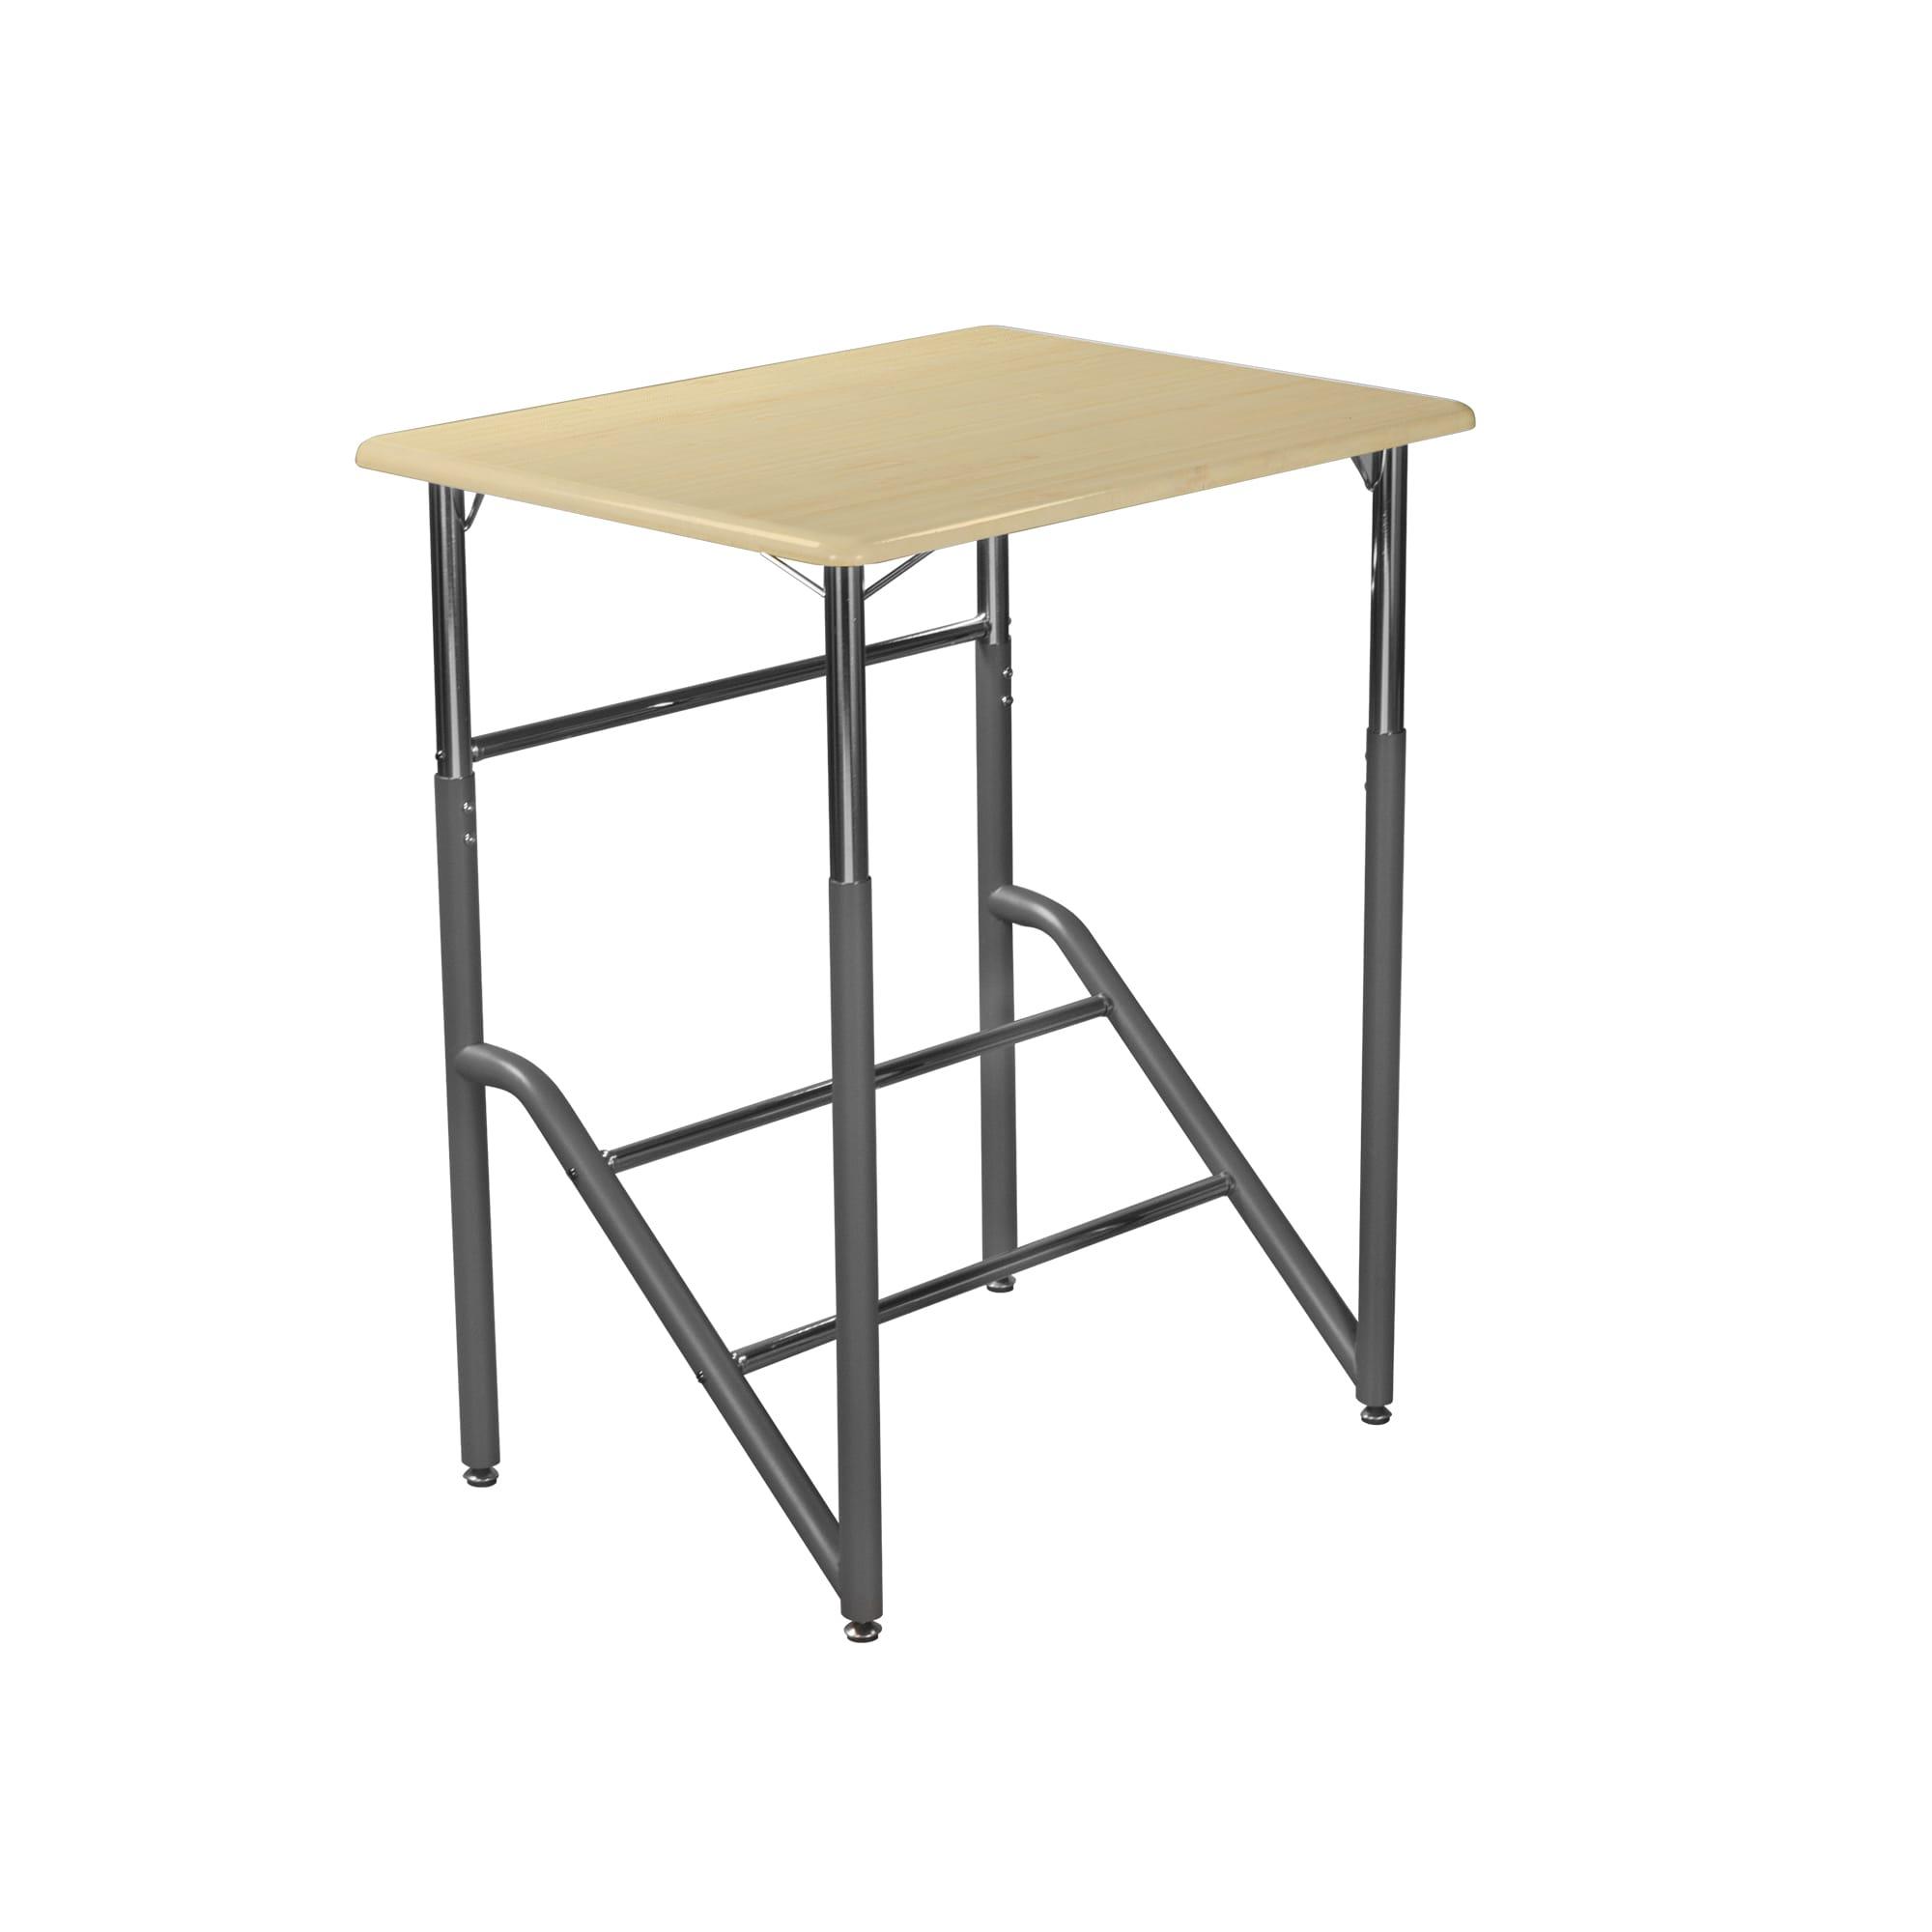 Standing School Desk K-5 Maple